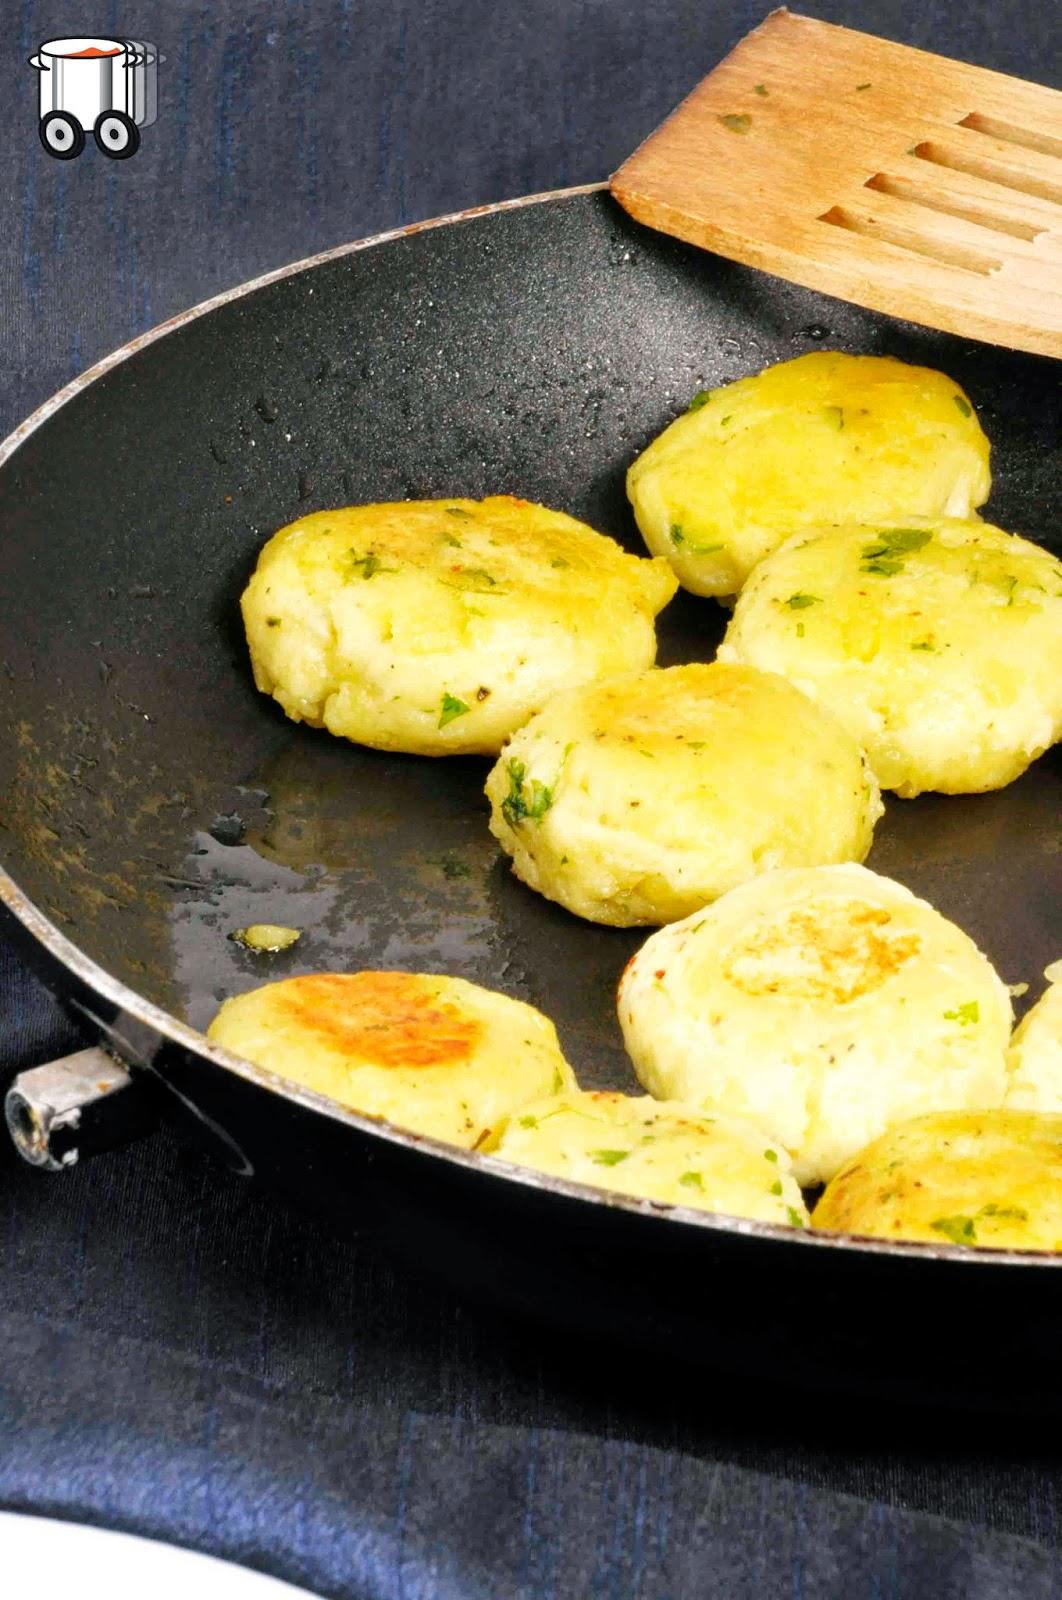 Szybko Tanio Smacznie - Ziemniaczane kotleciki (bez laktozy, bez jajek)